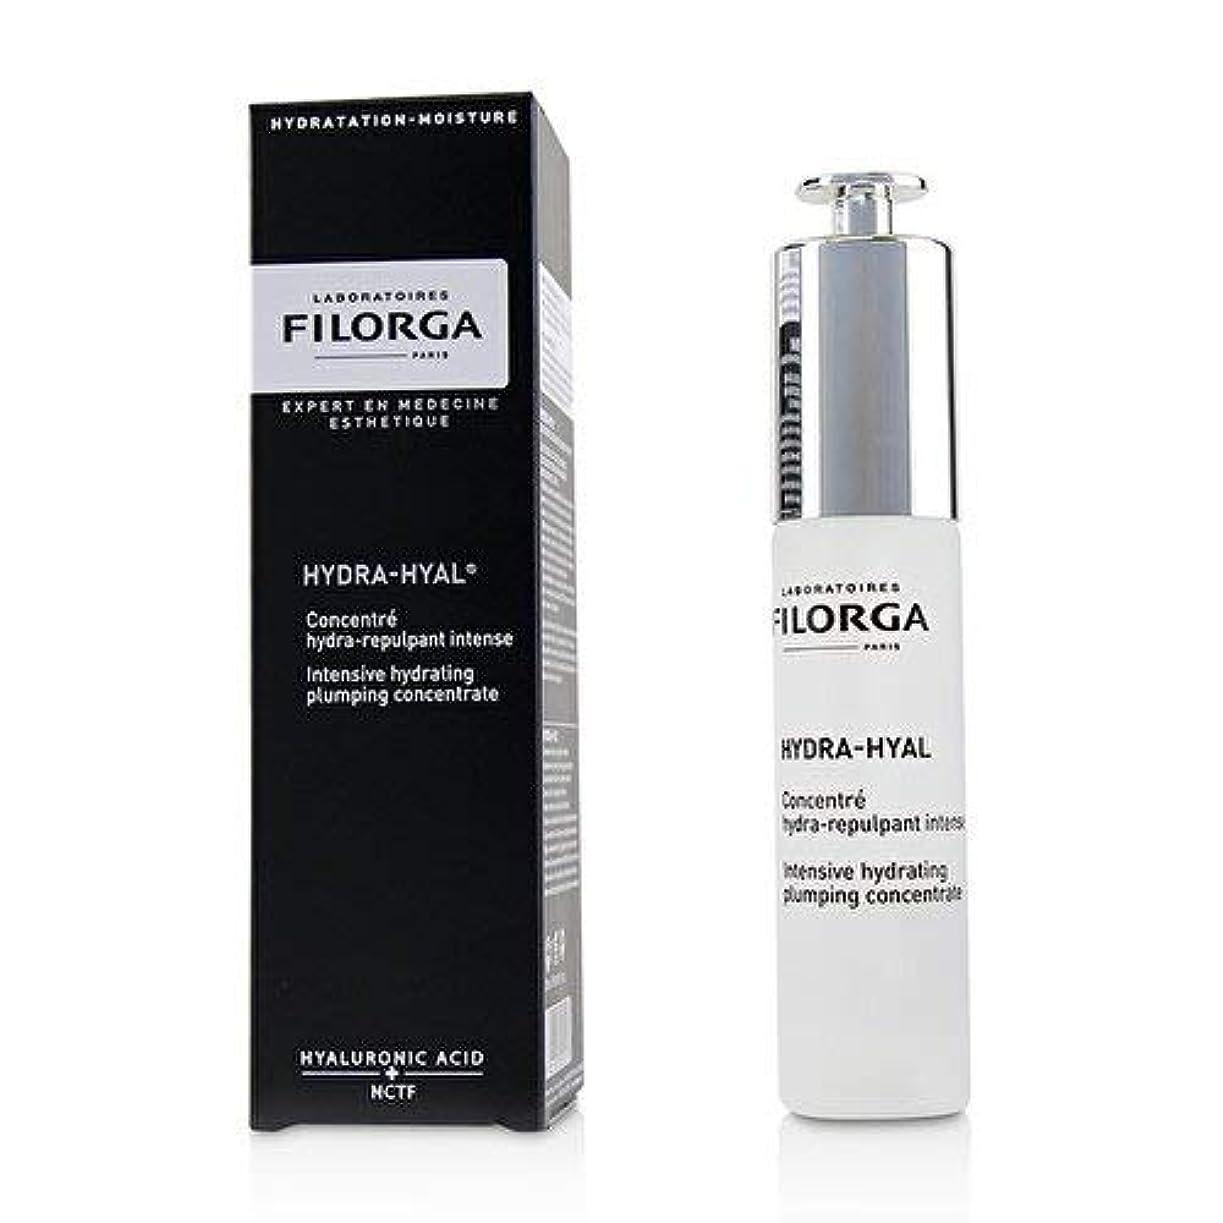 モード合法蜜Filorga Hydra-Hyal Intensive Hydrating Plumping Concentrate 1V1320DM/359720 30ml/1oz並行輸入品